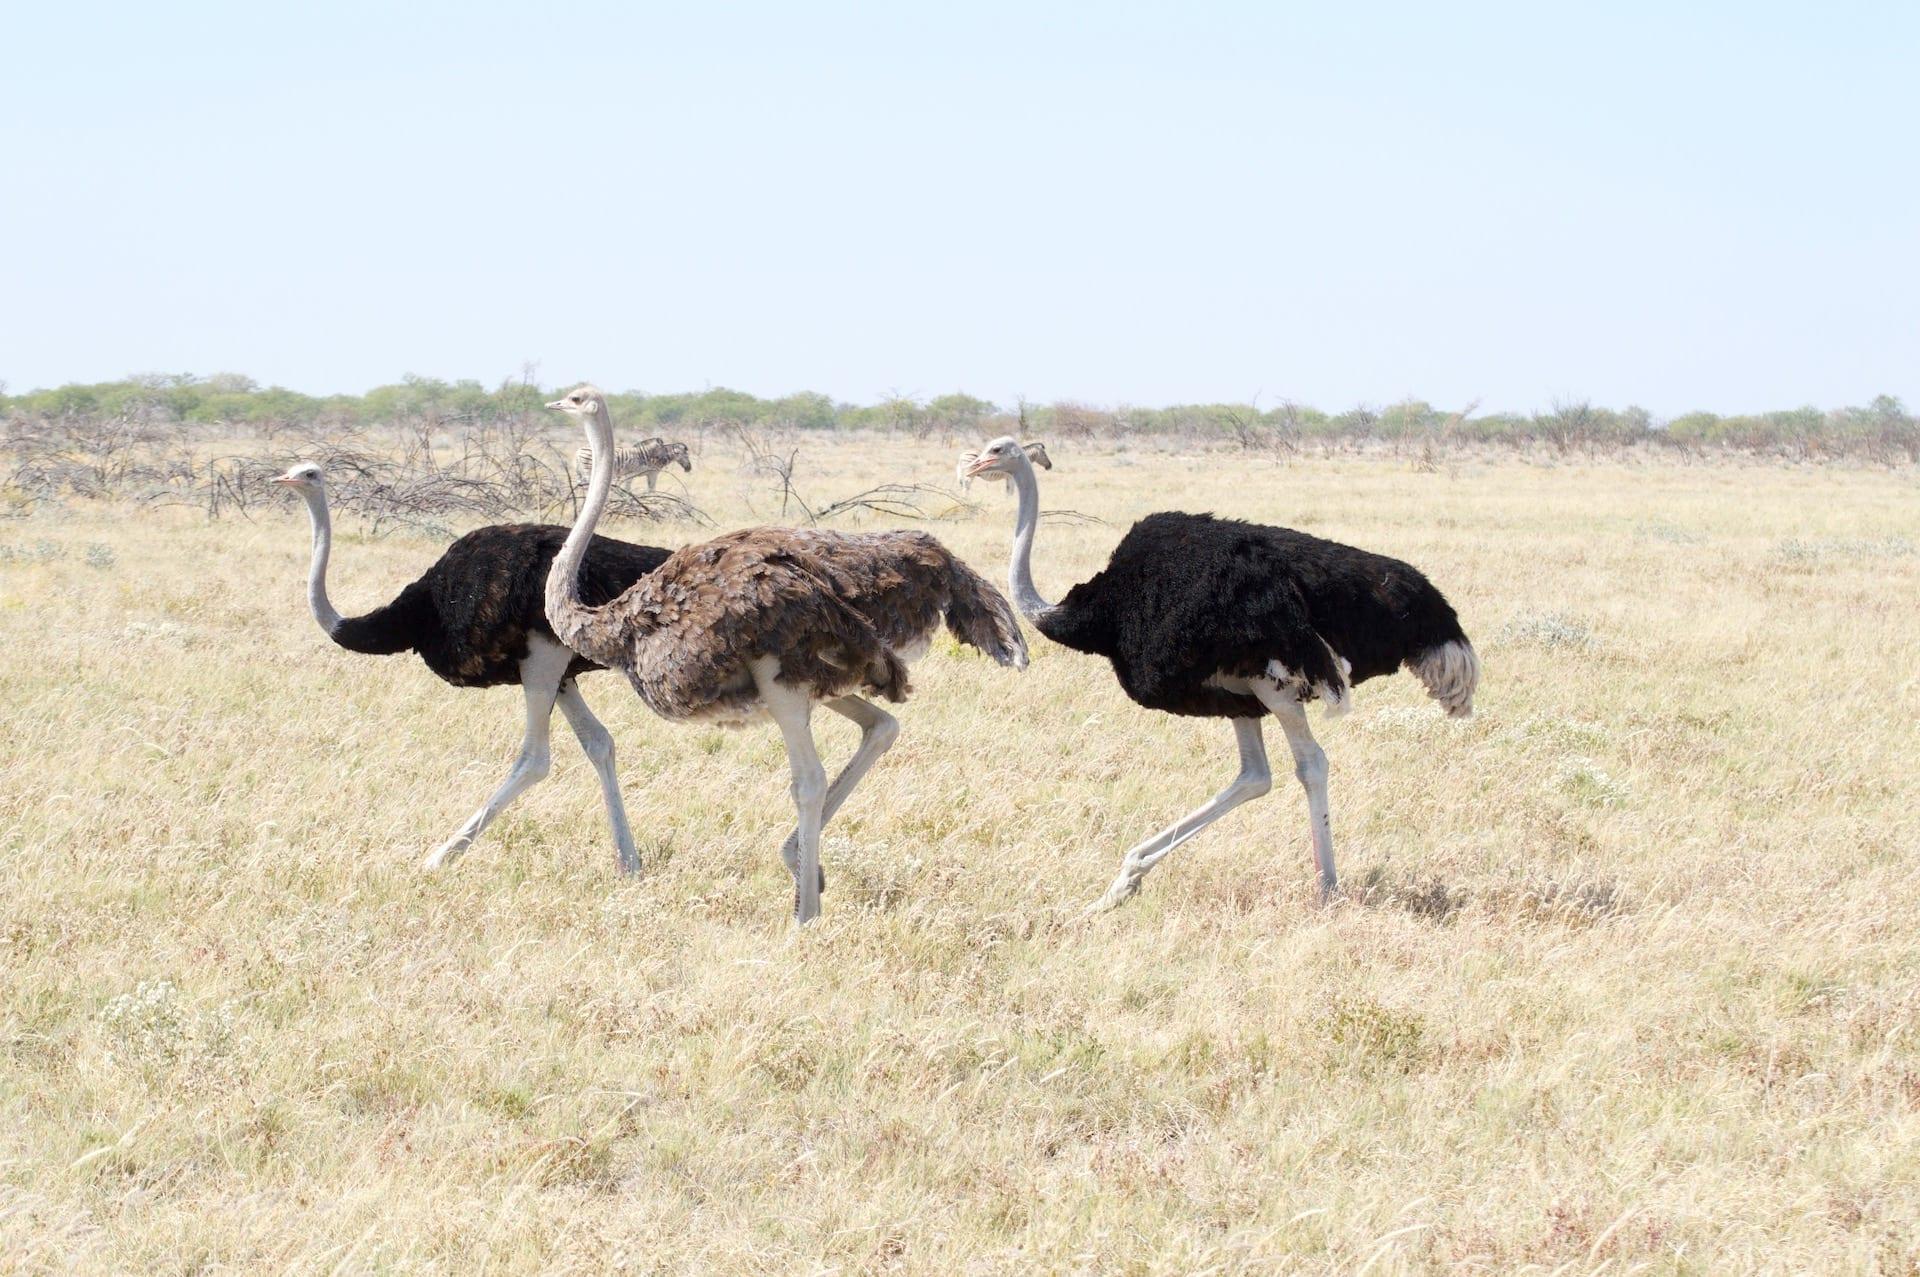 # FOTO - NAM Etosha struisvogel 2015